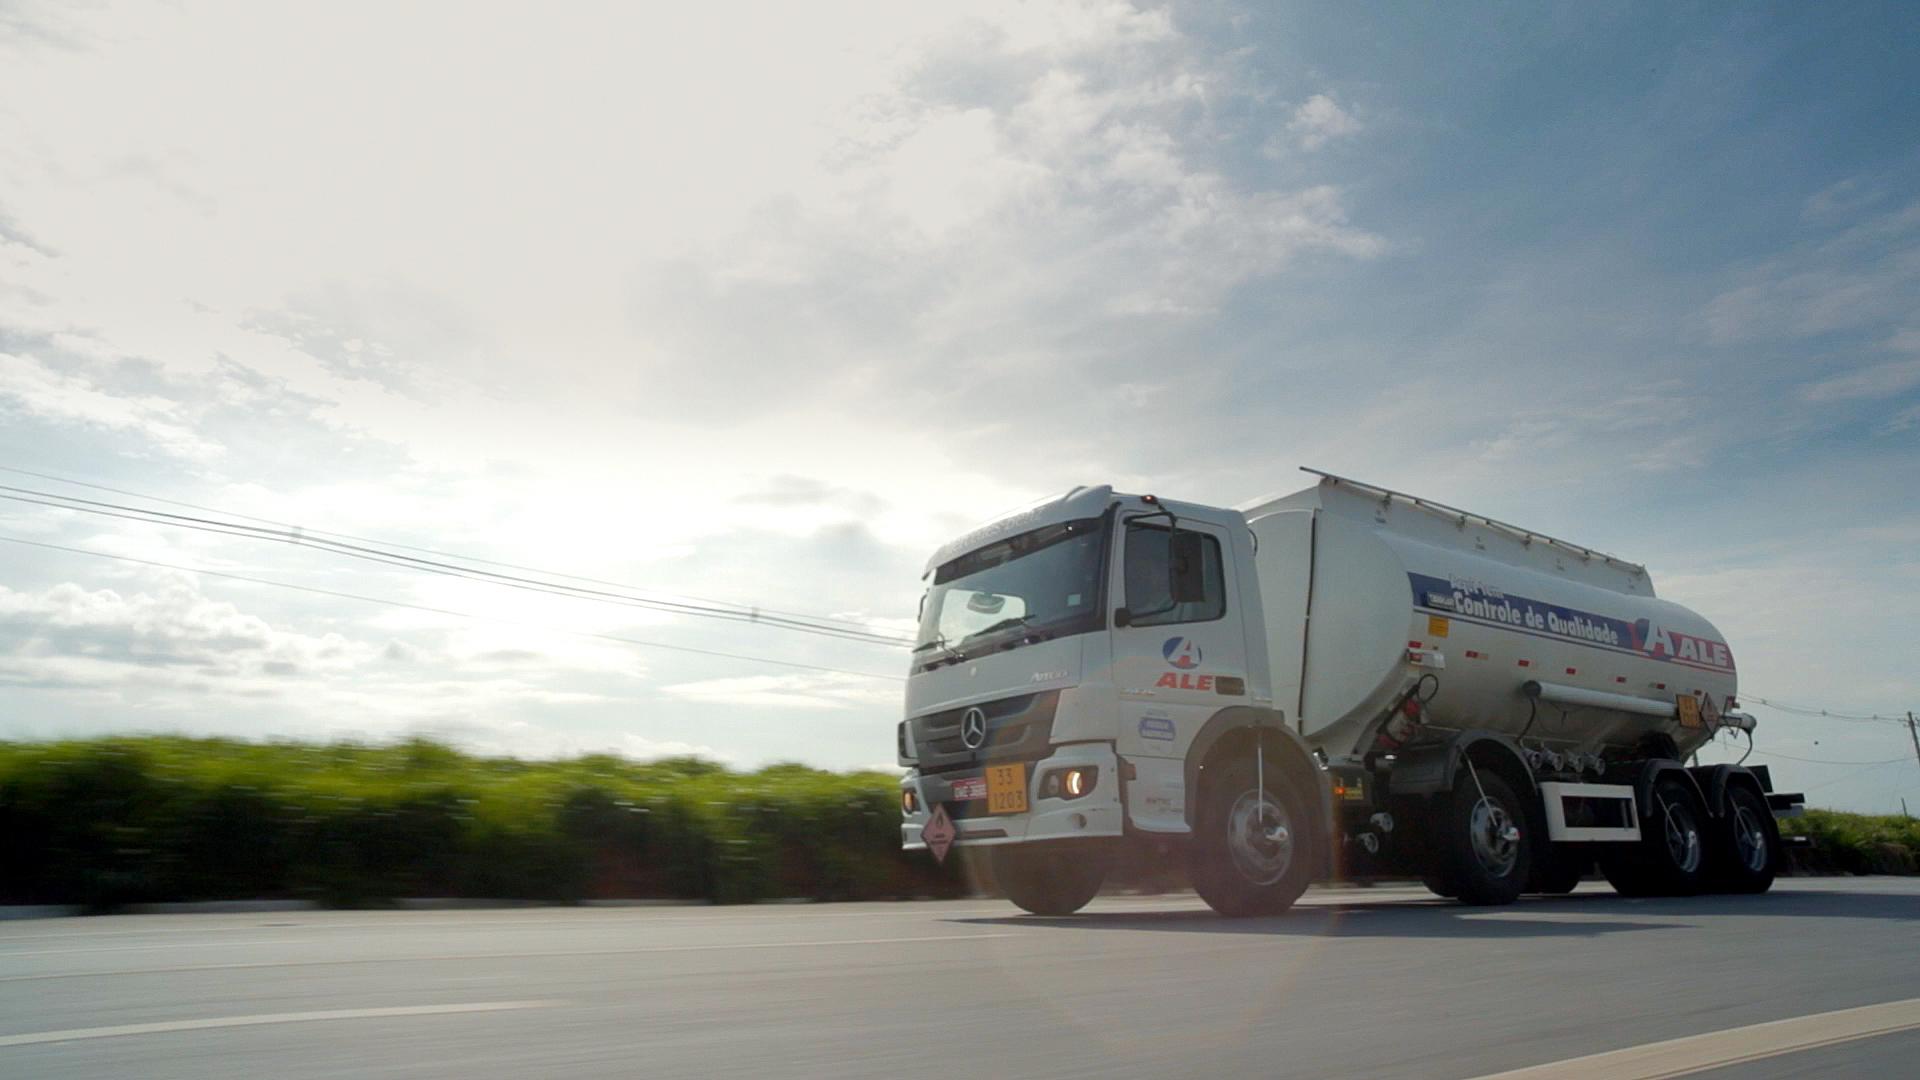 caminhão ALE